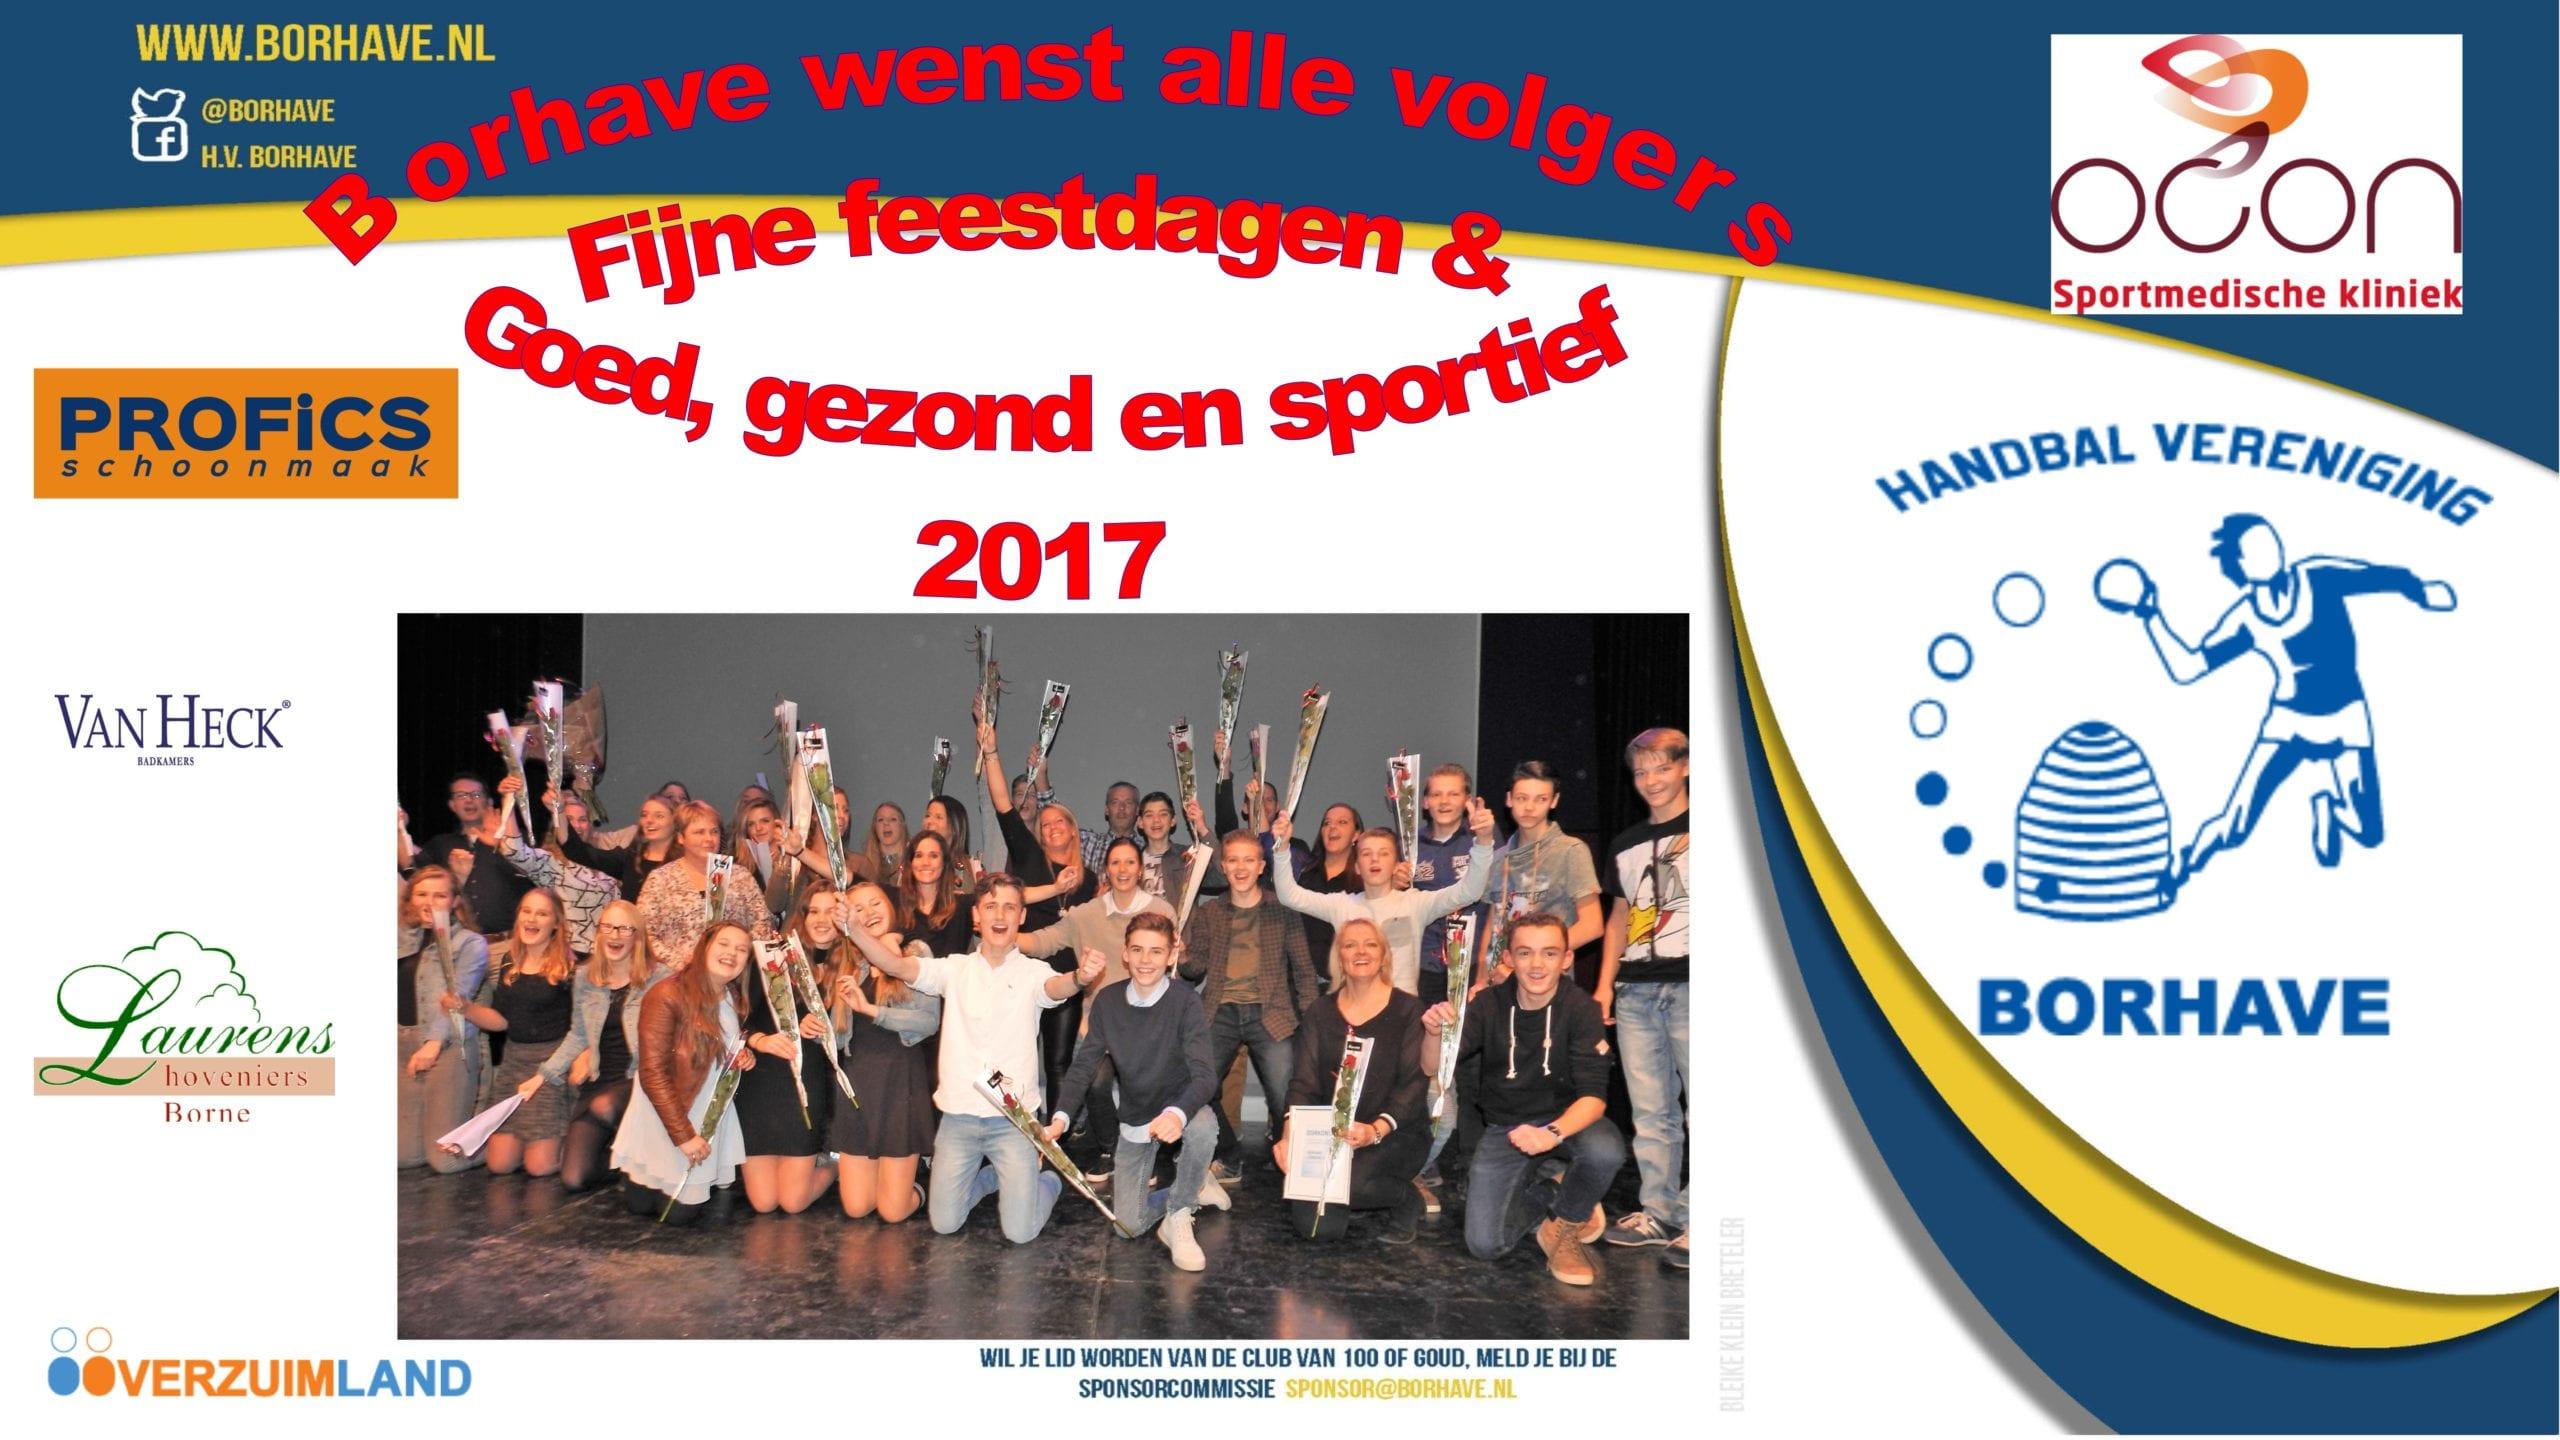 20161218 Affiche 2 Nieuwjaarswens 1920 x 1080910 - Borhave 2017!